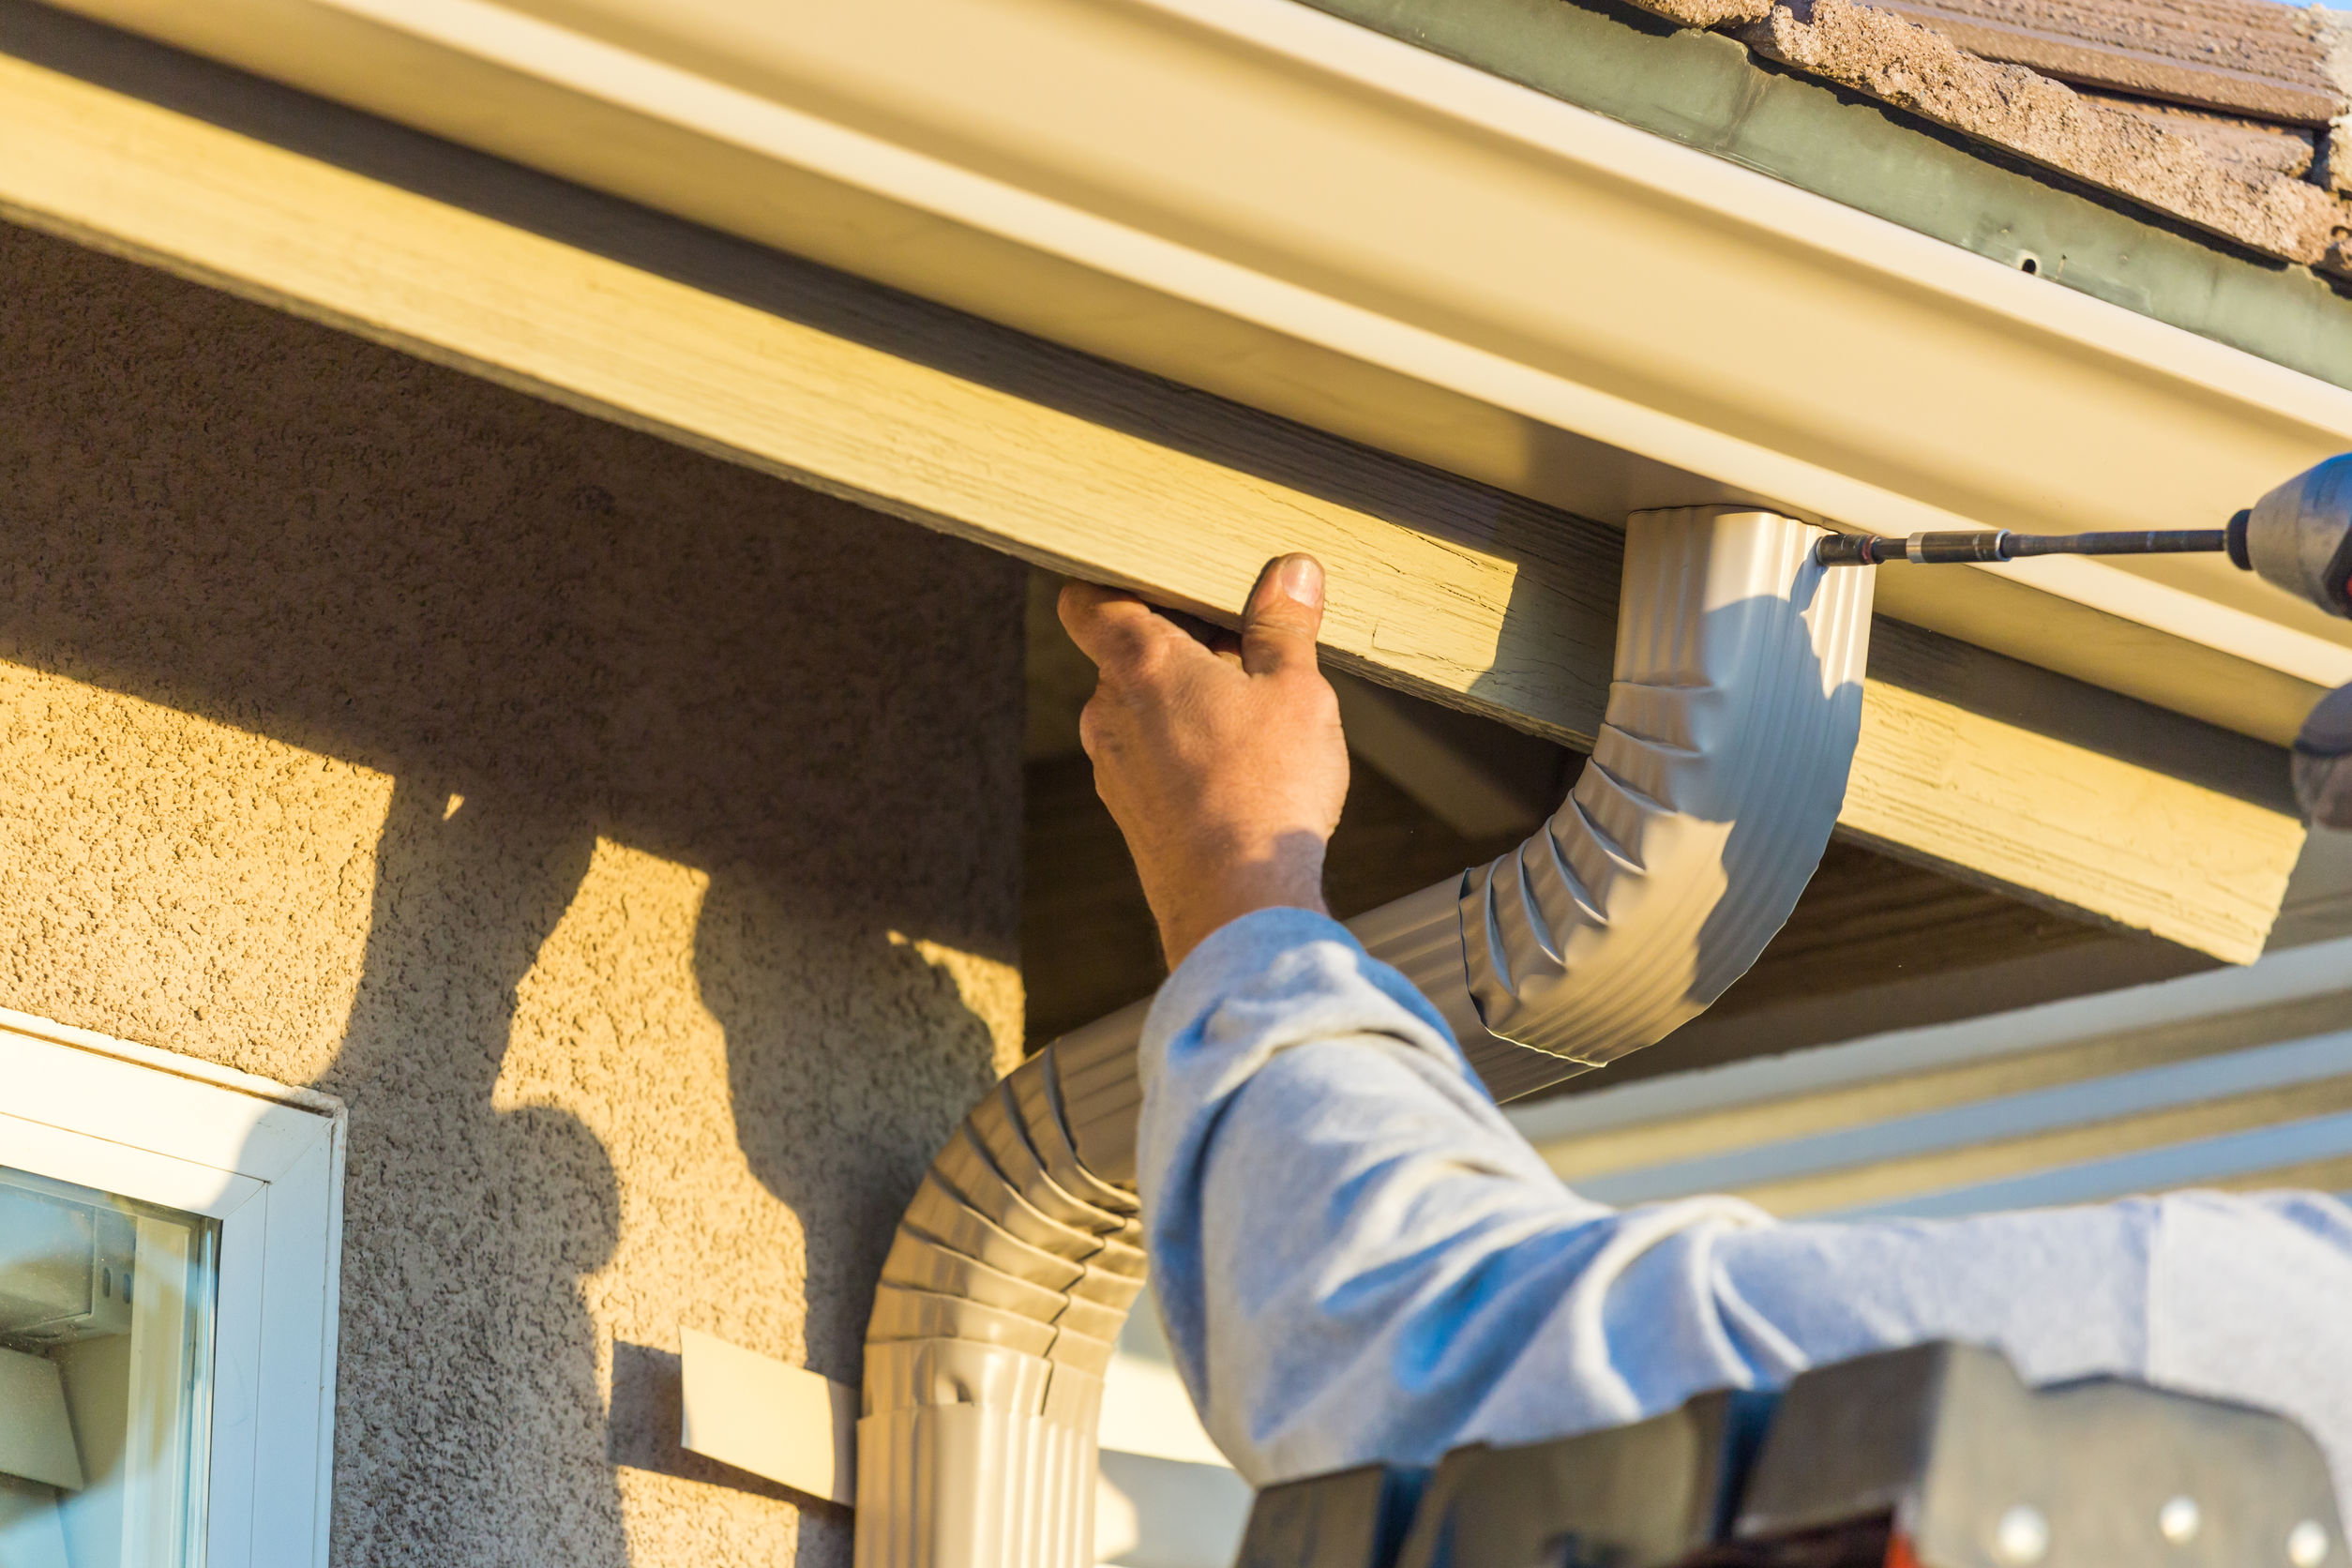 rabajador que fija el canalón de aluminio de la lluvia y abajo el canalón a la fascia de la casa.